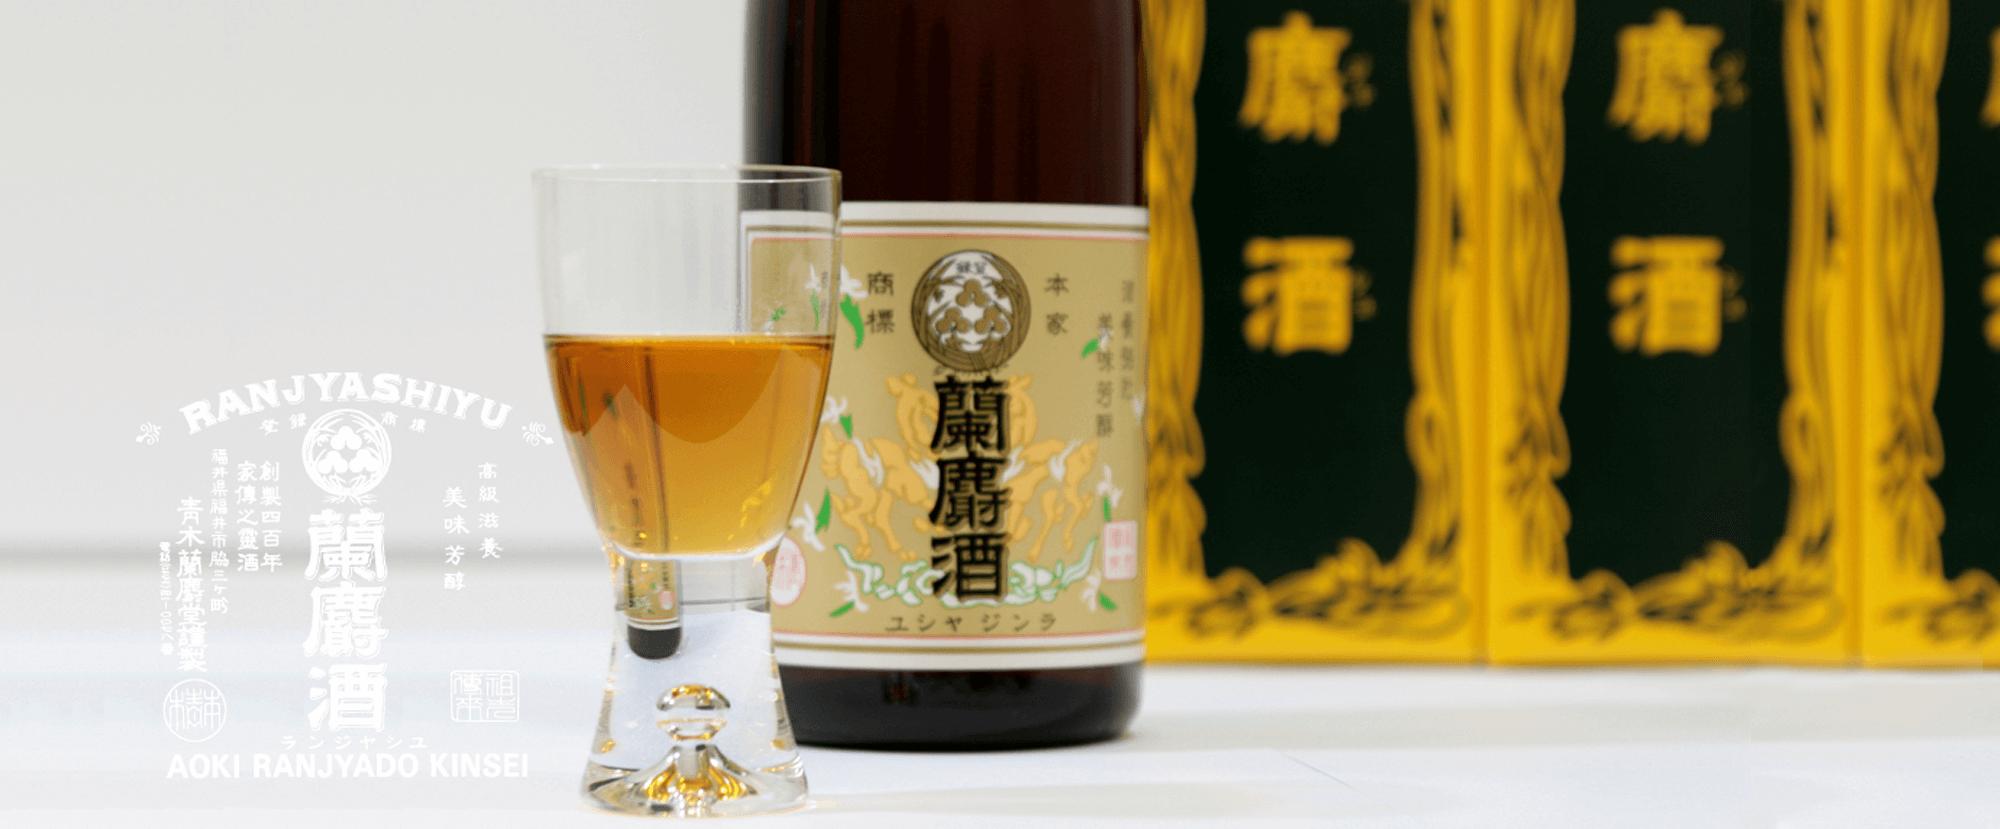 蘭麝酒とグラス